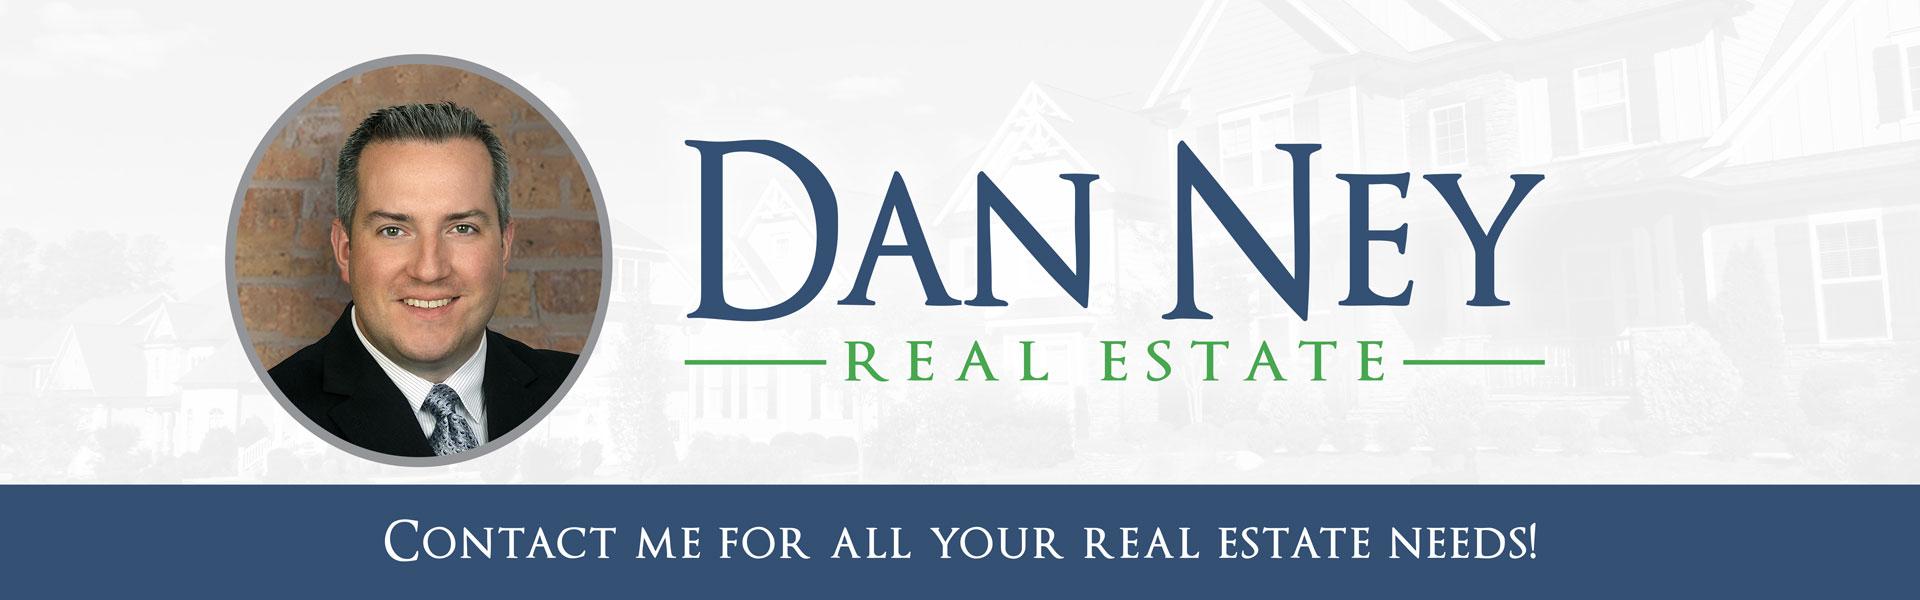 Dan Ney